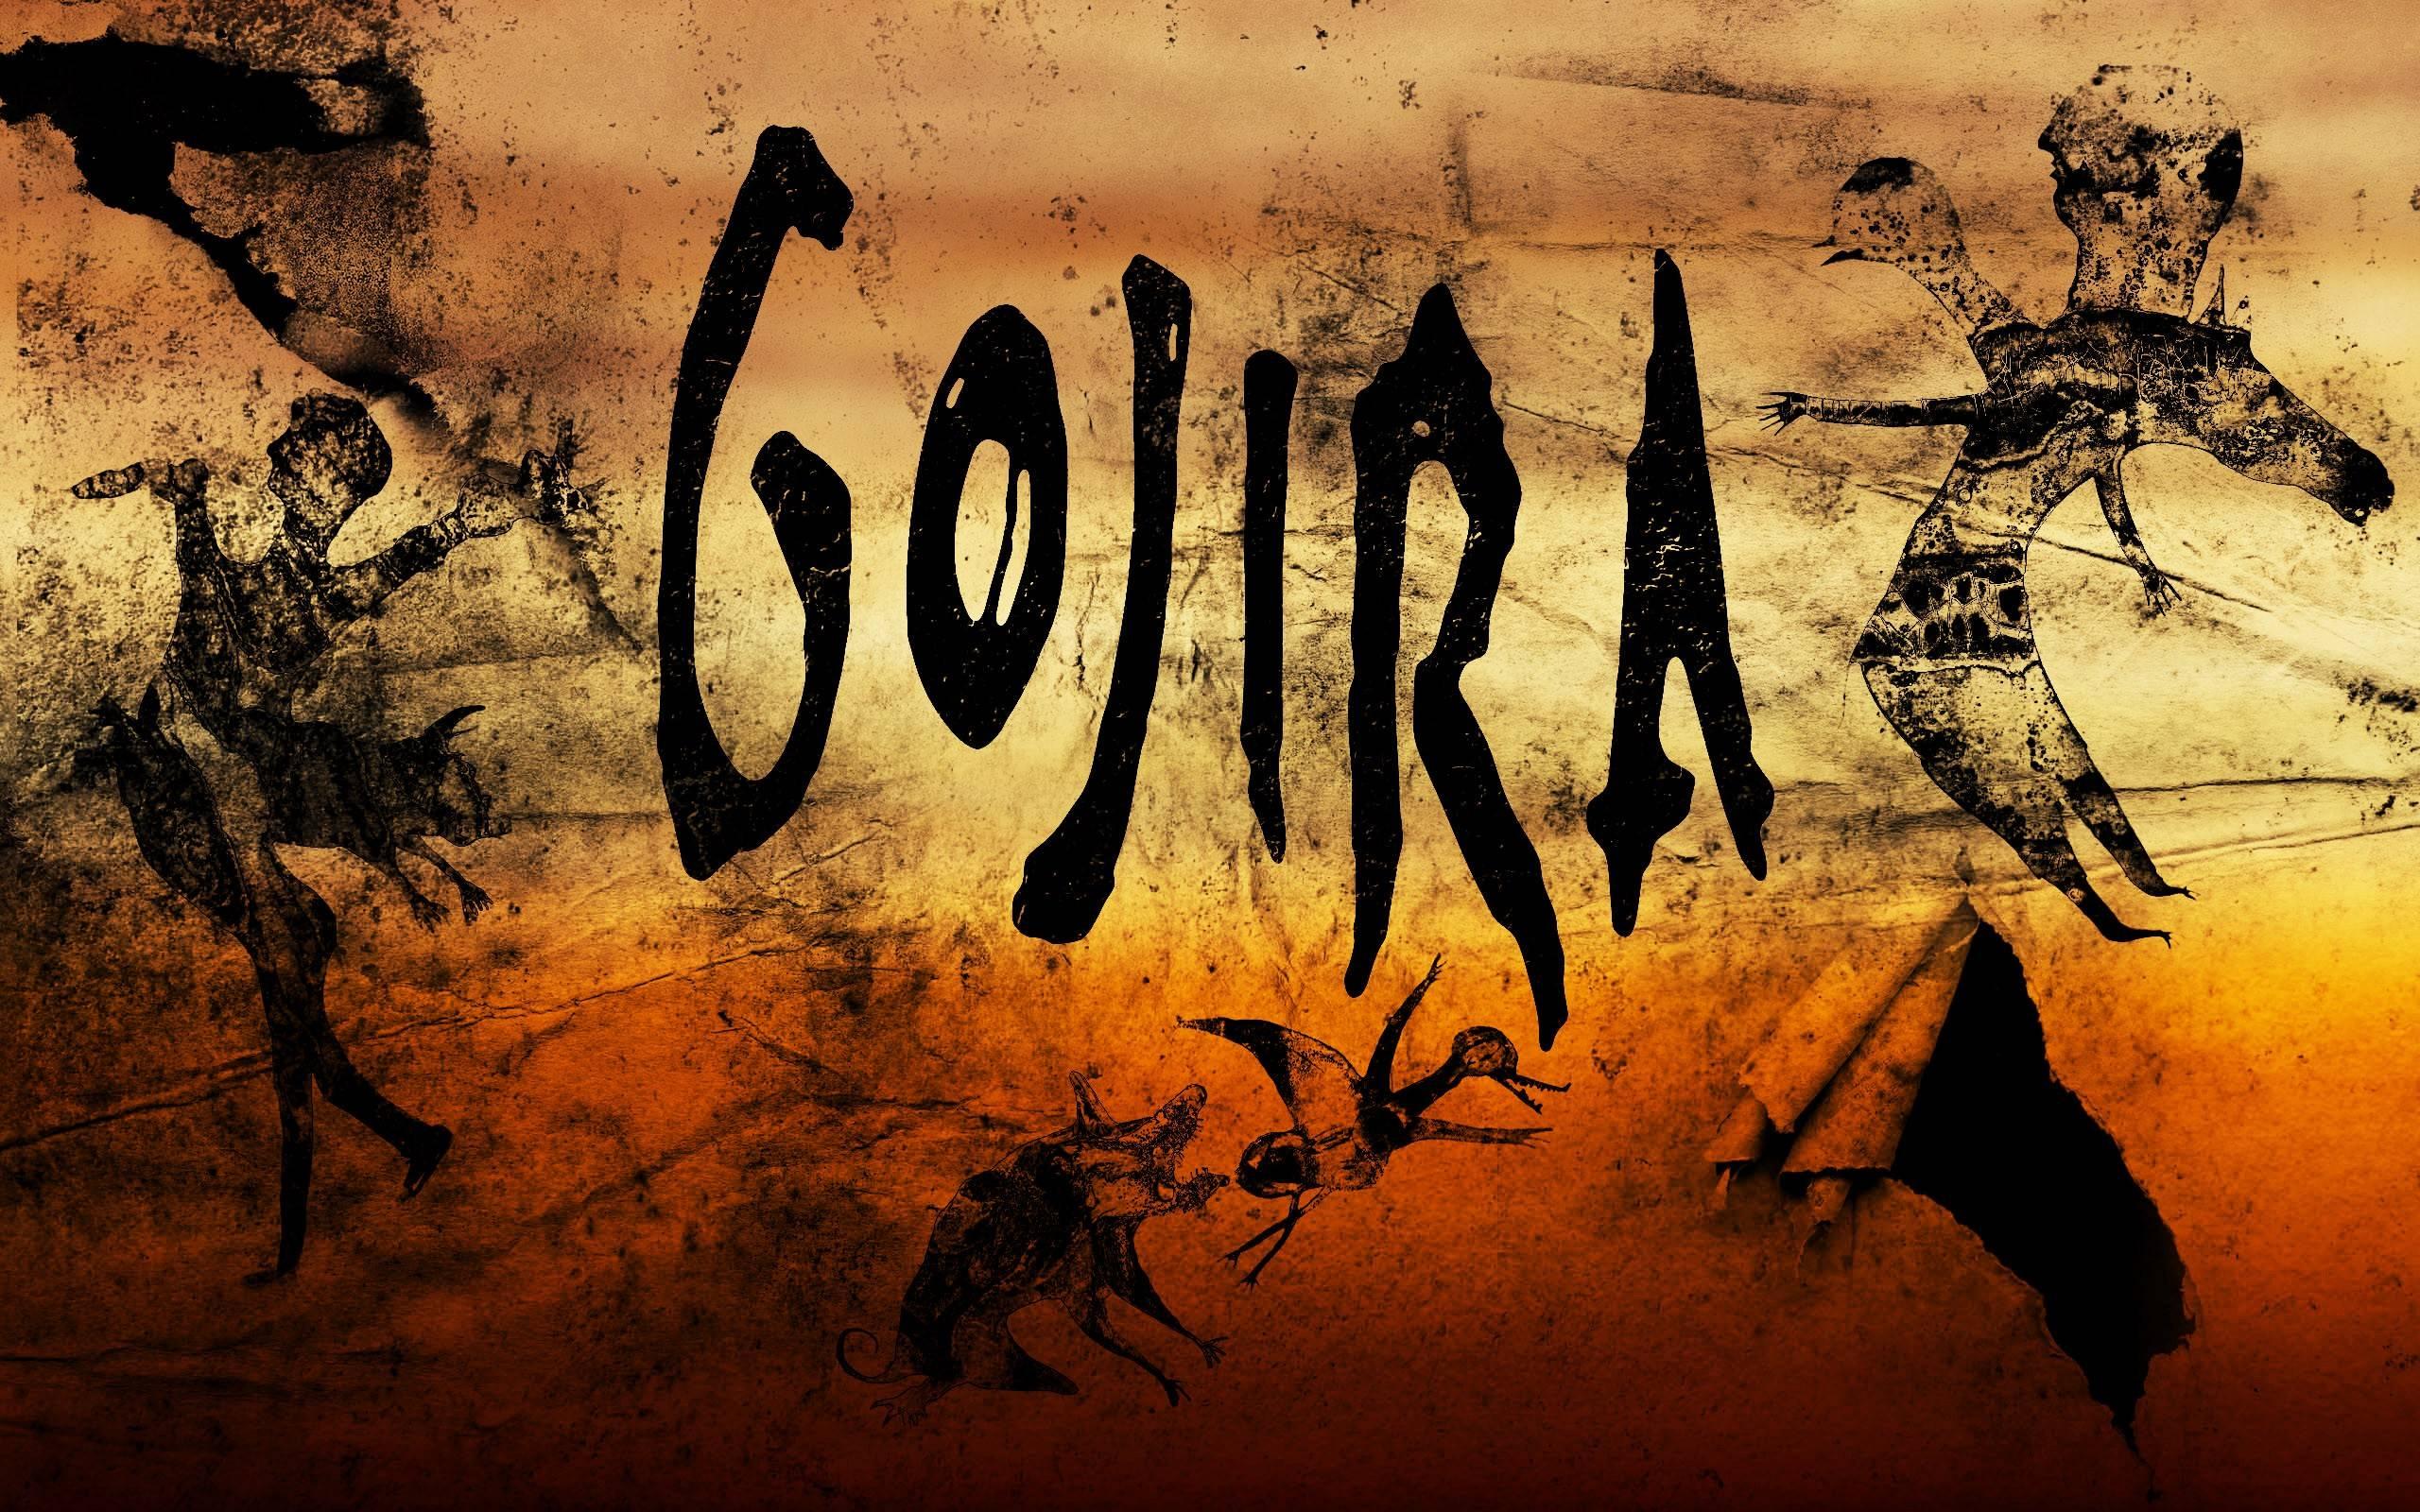 Music Gojira 25602151600 Wallpaper 1718884 2560x1600